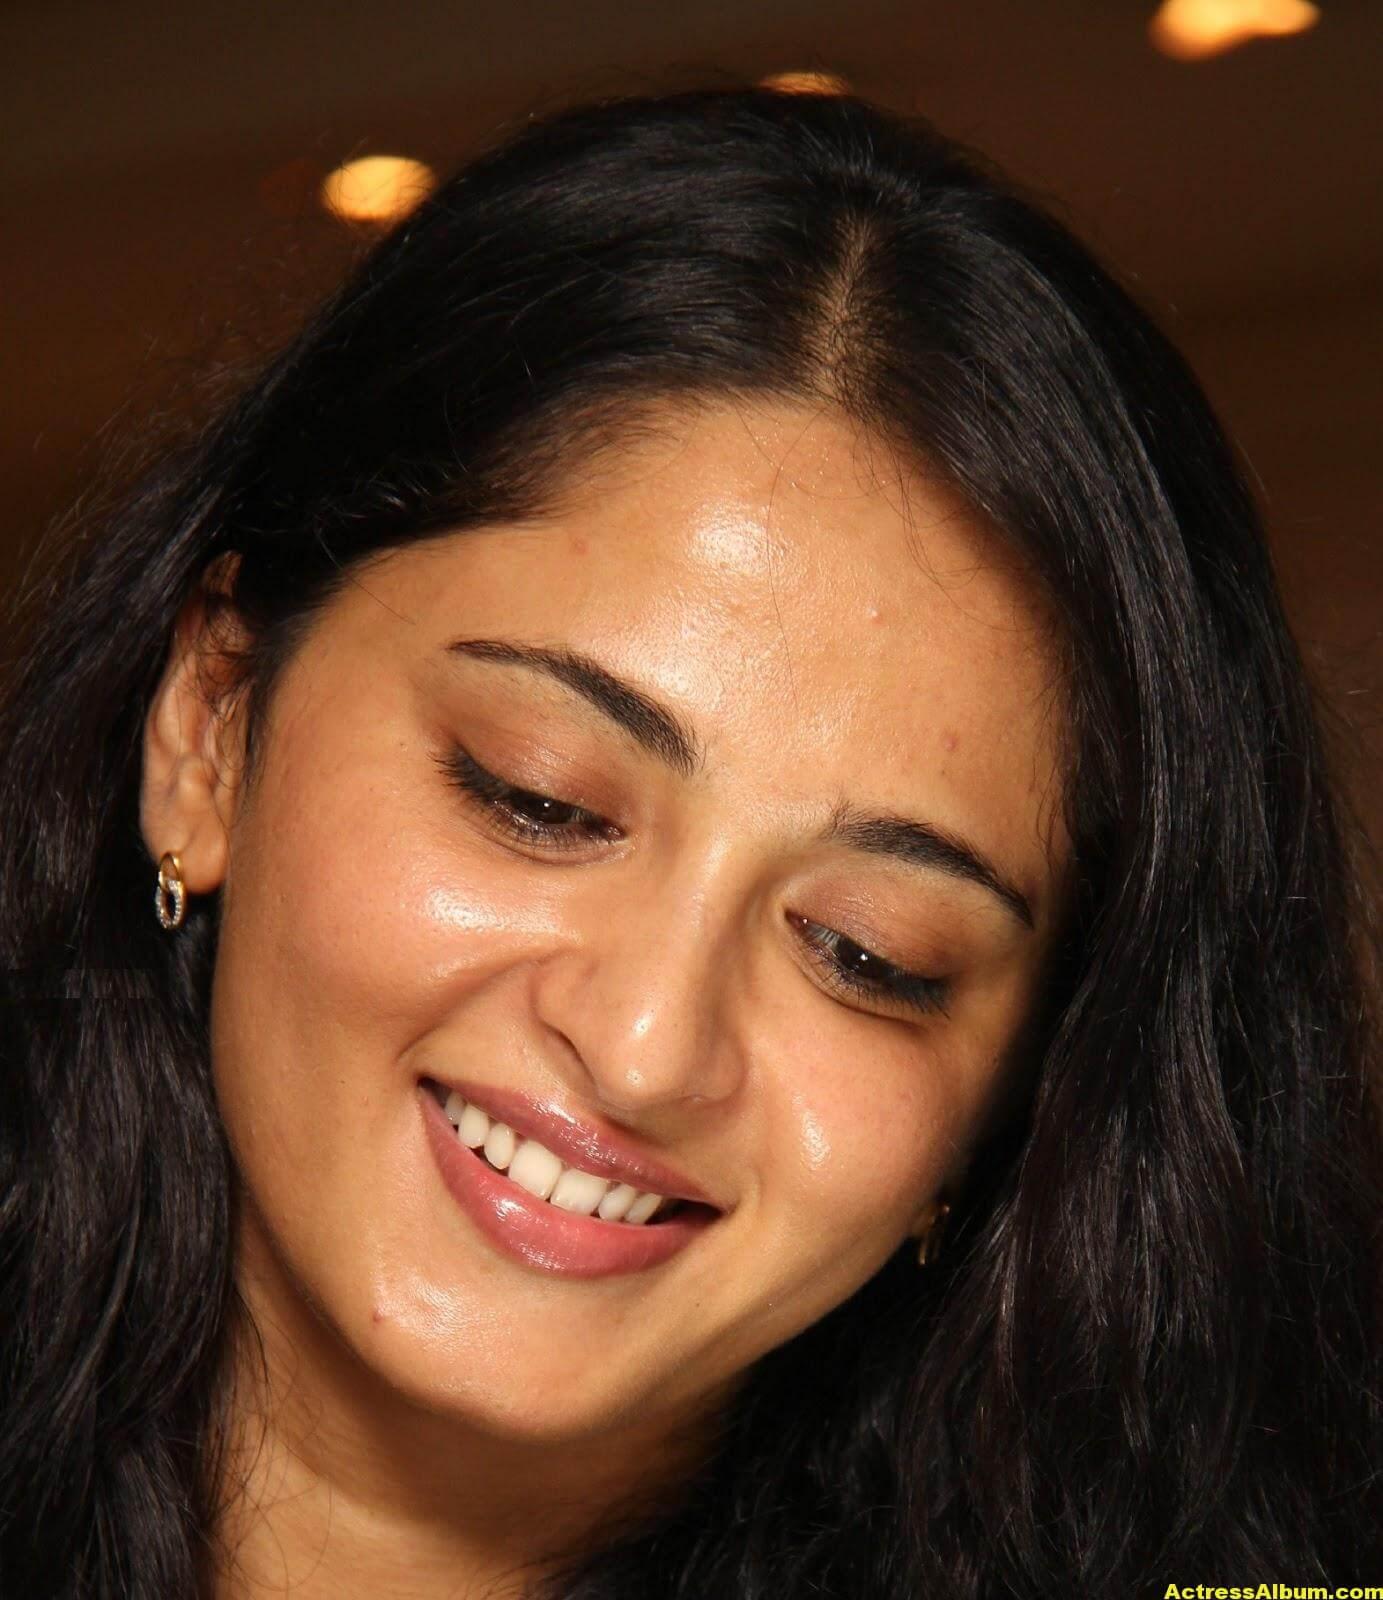 Anushka Shetty Gorgeous Face Close Up Photos 1